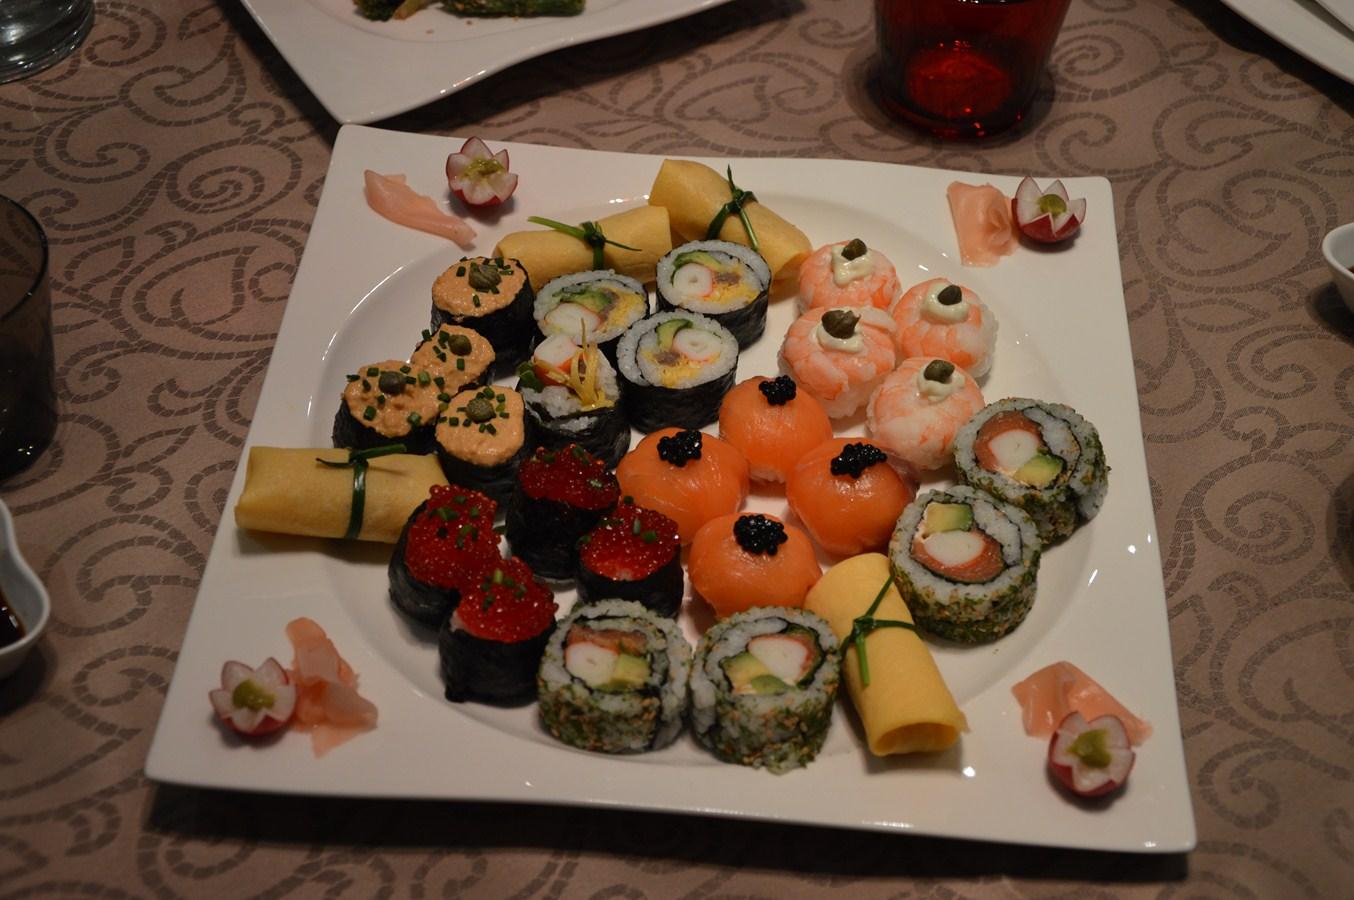 Curso de cocina japonesa y cena - Curso cocina japonesa ...